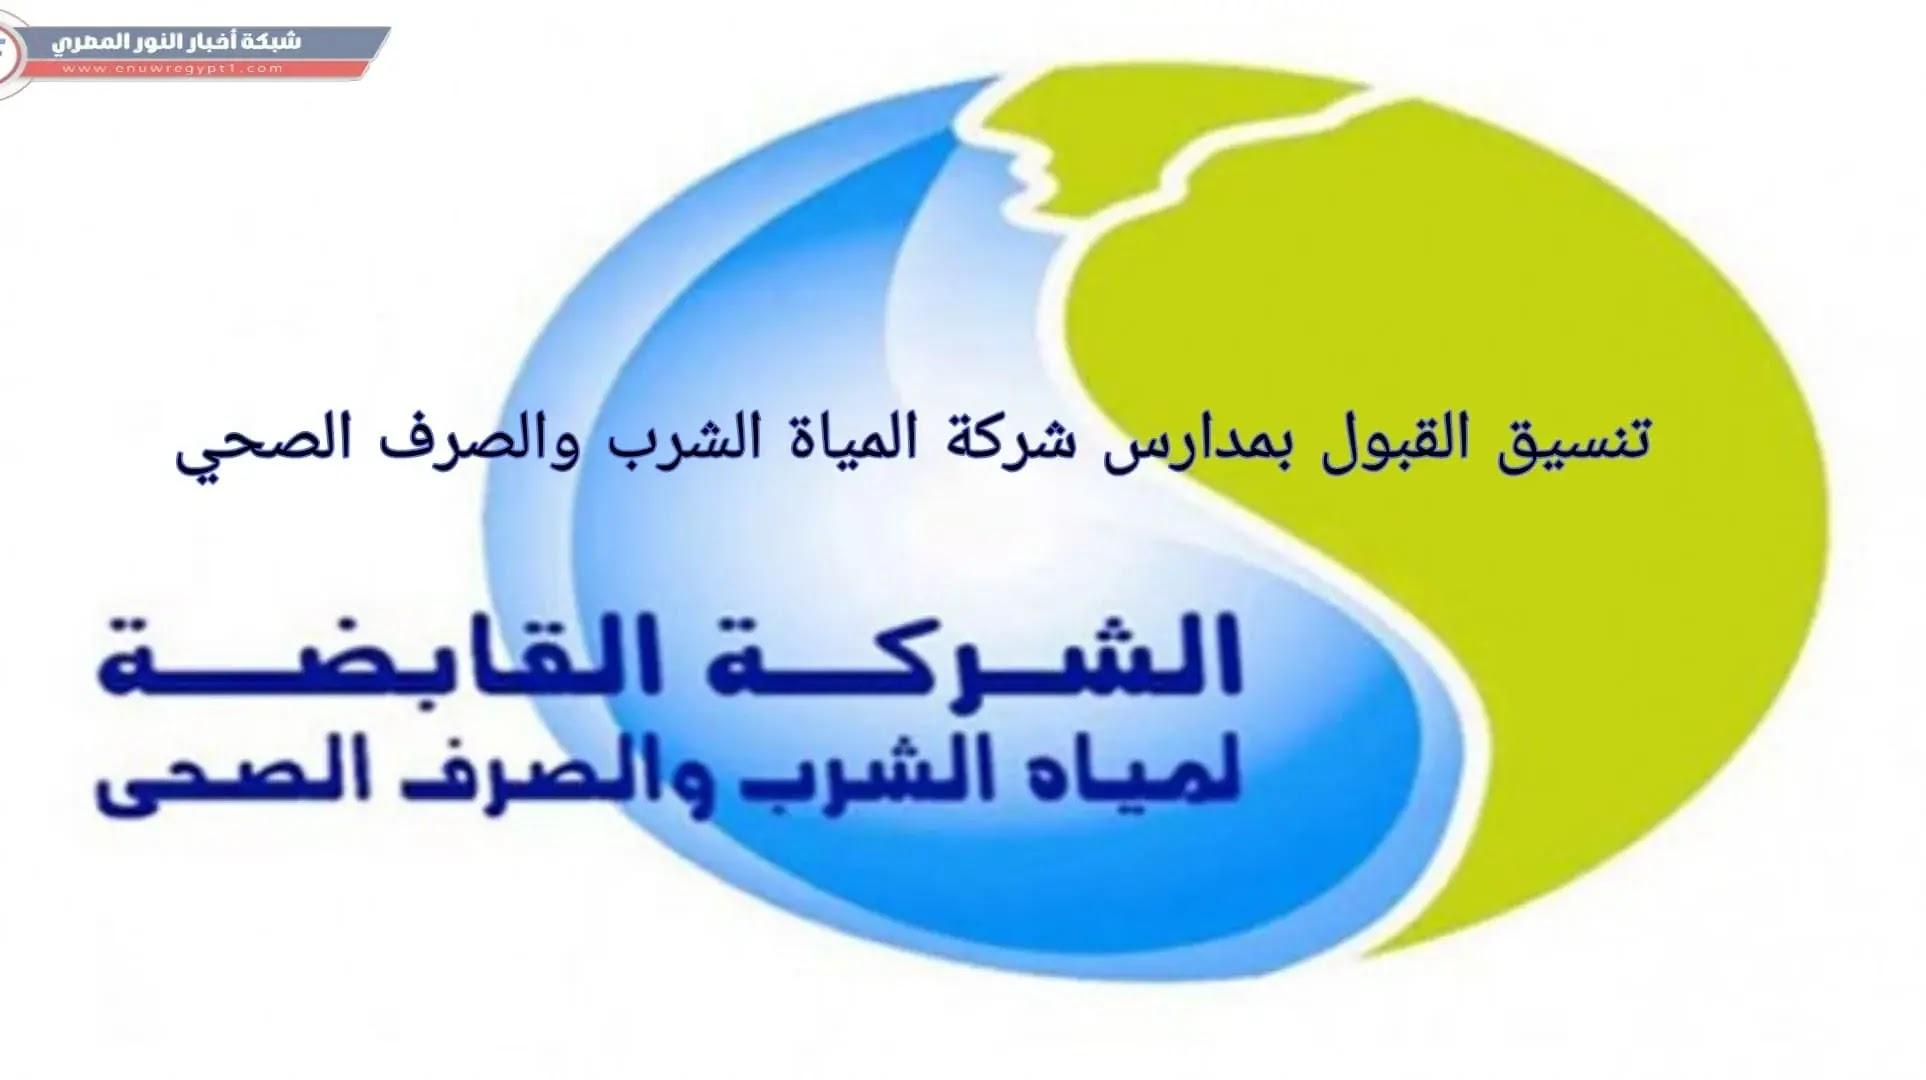 تنسيق القبول بمدارس شركة المياه و الصرف الصحي بديل الثانوية العامة 2021-2022 بعد الشهادة الاعدادية في محافظات مصر